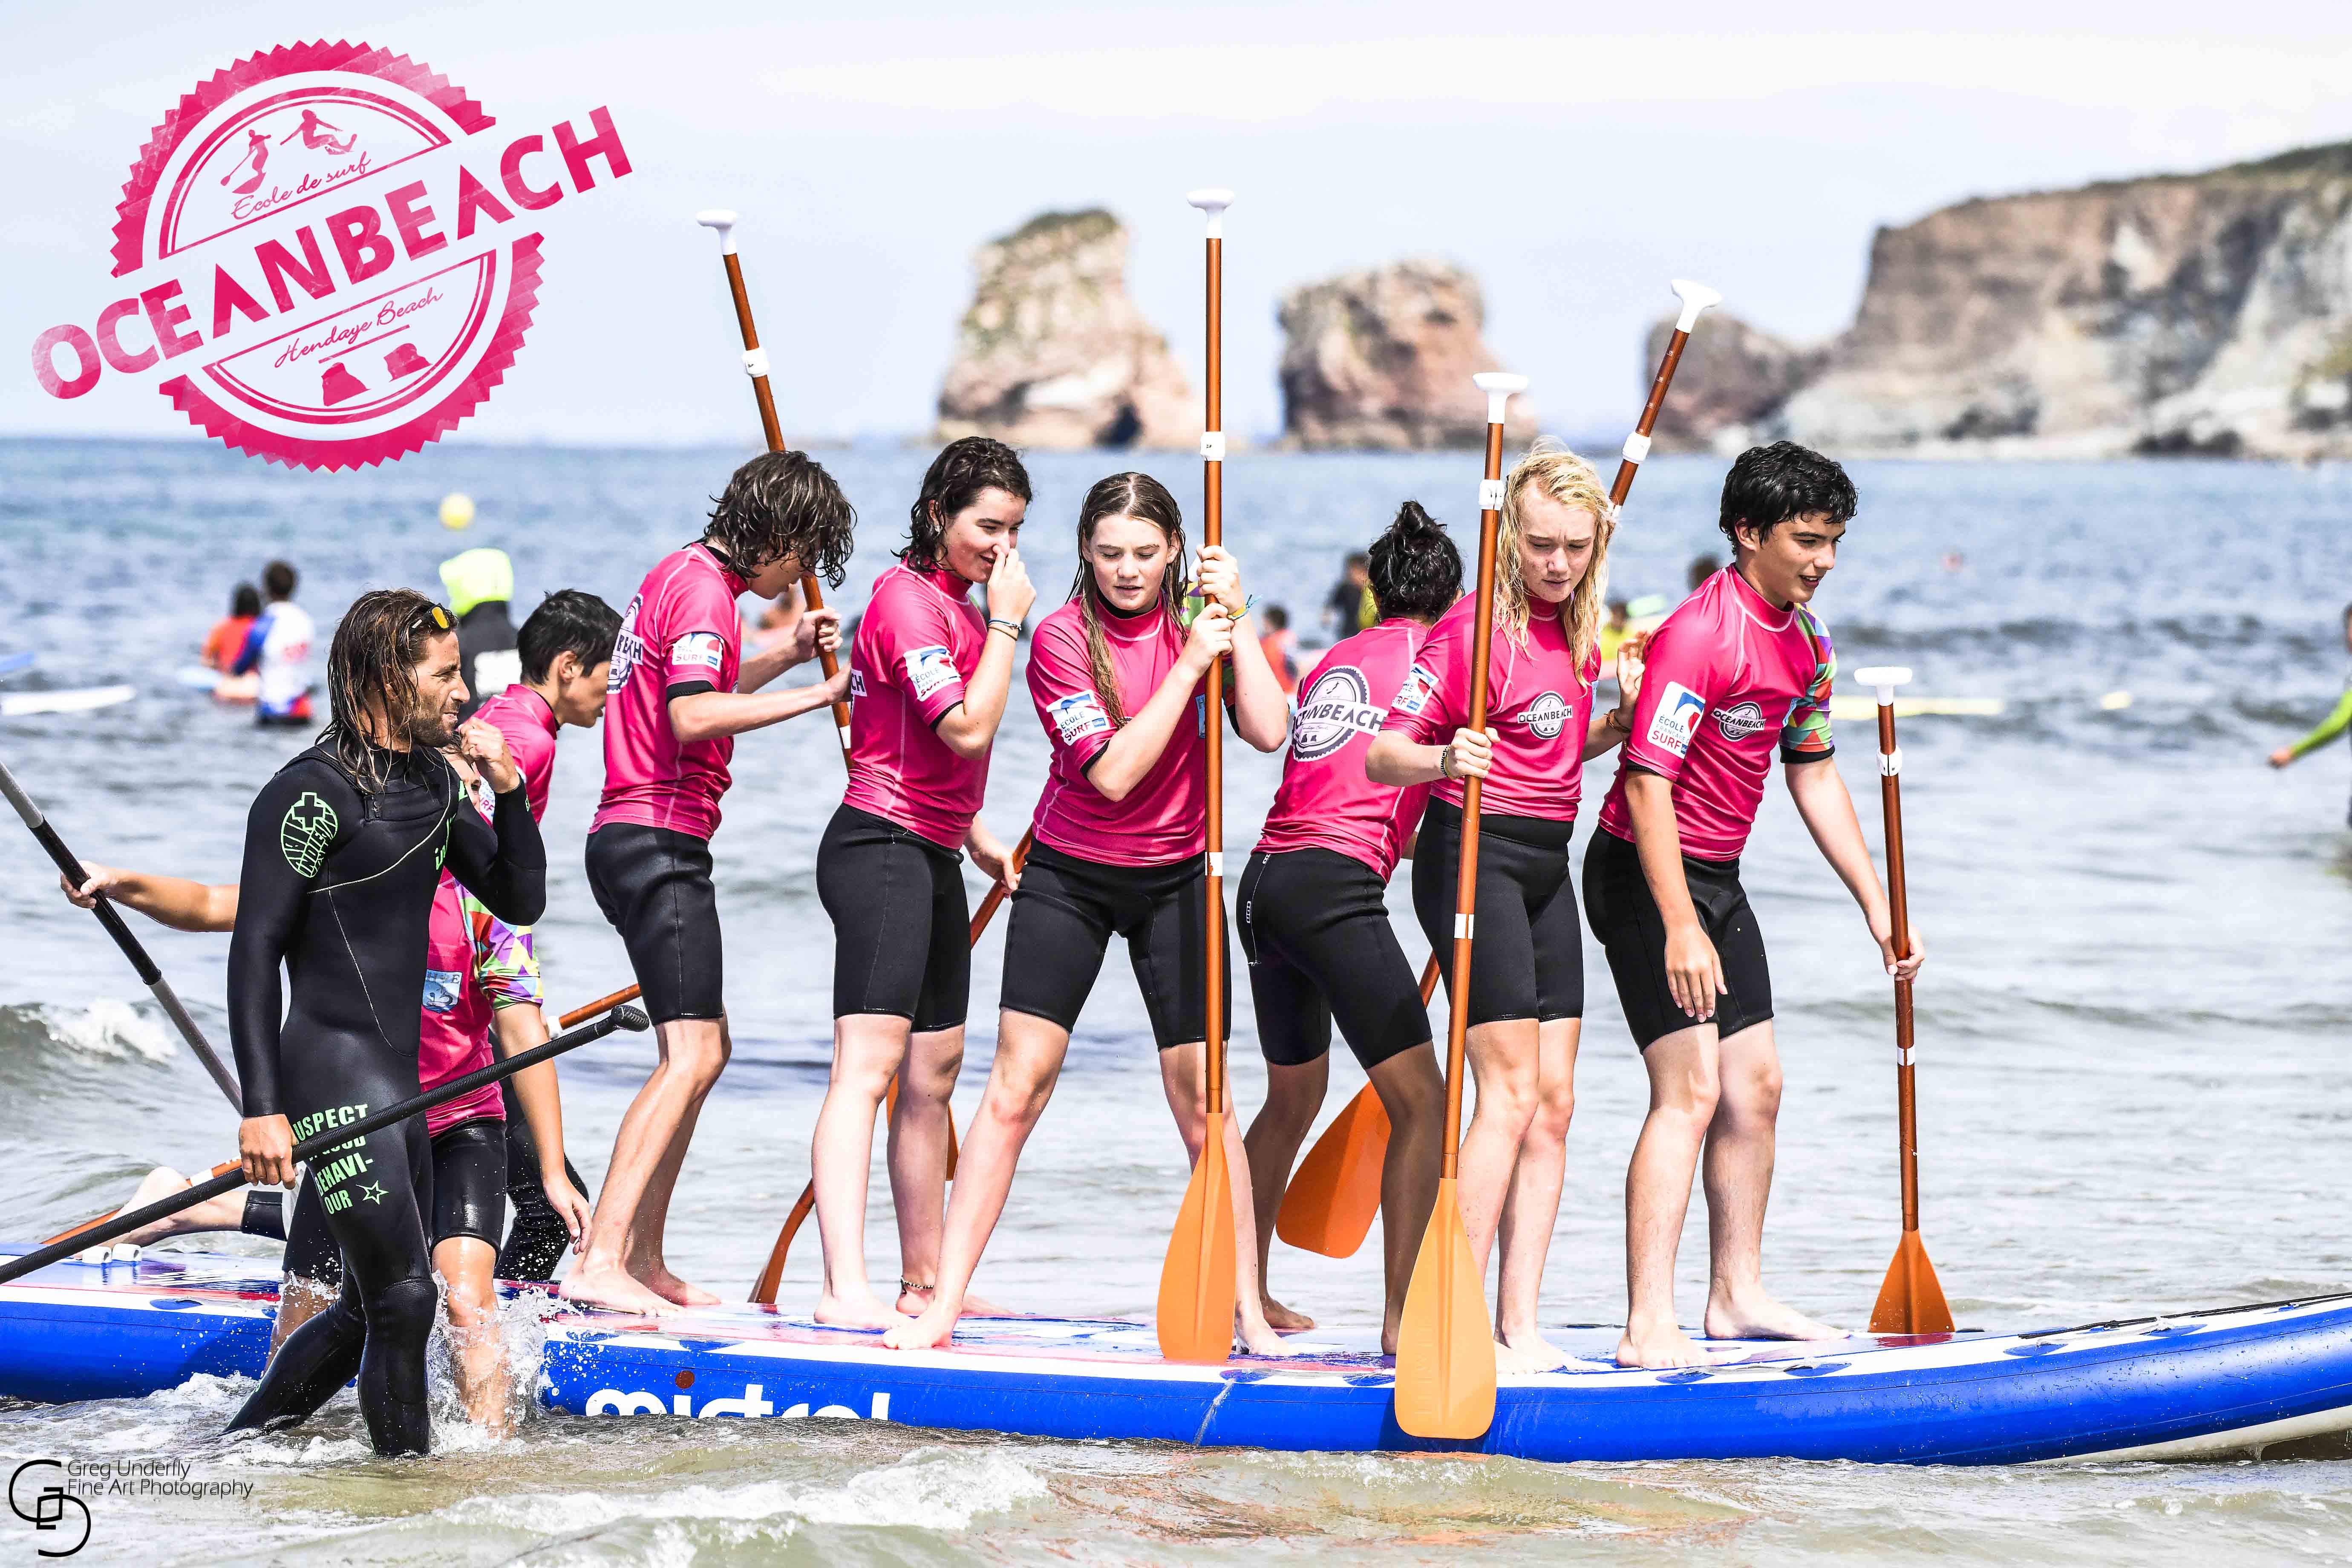 école de surf hendaye côte basque pays basque hendaia cours de surf France classe surf Hendaye